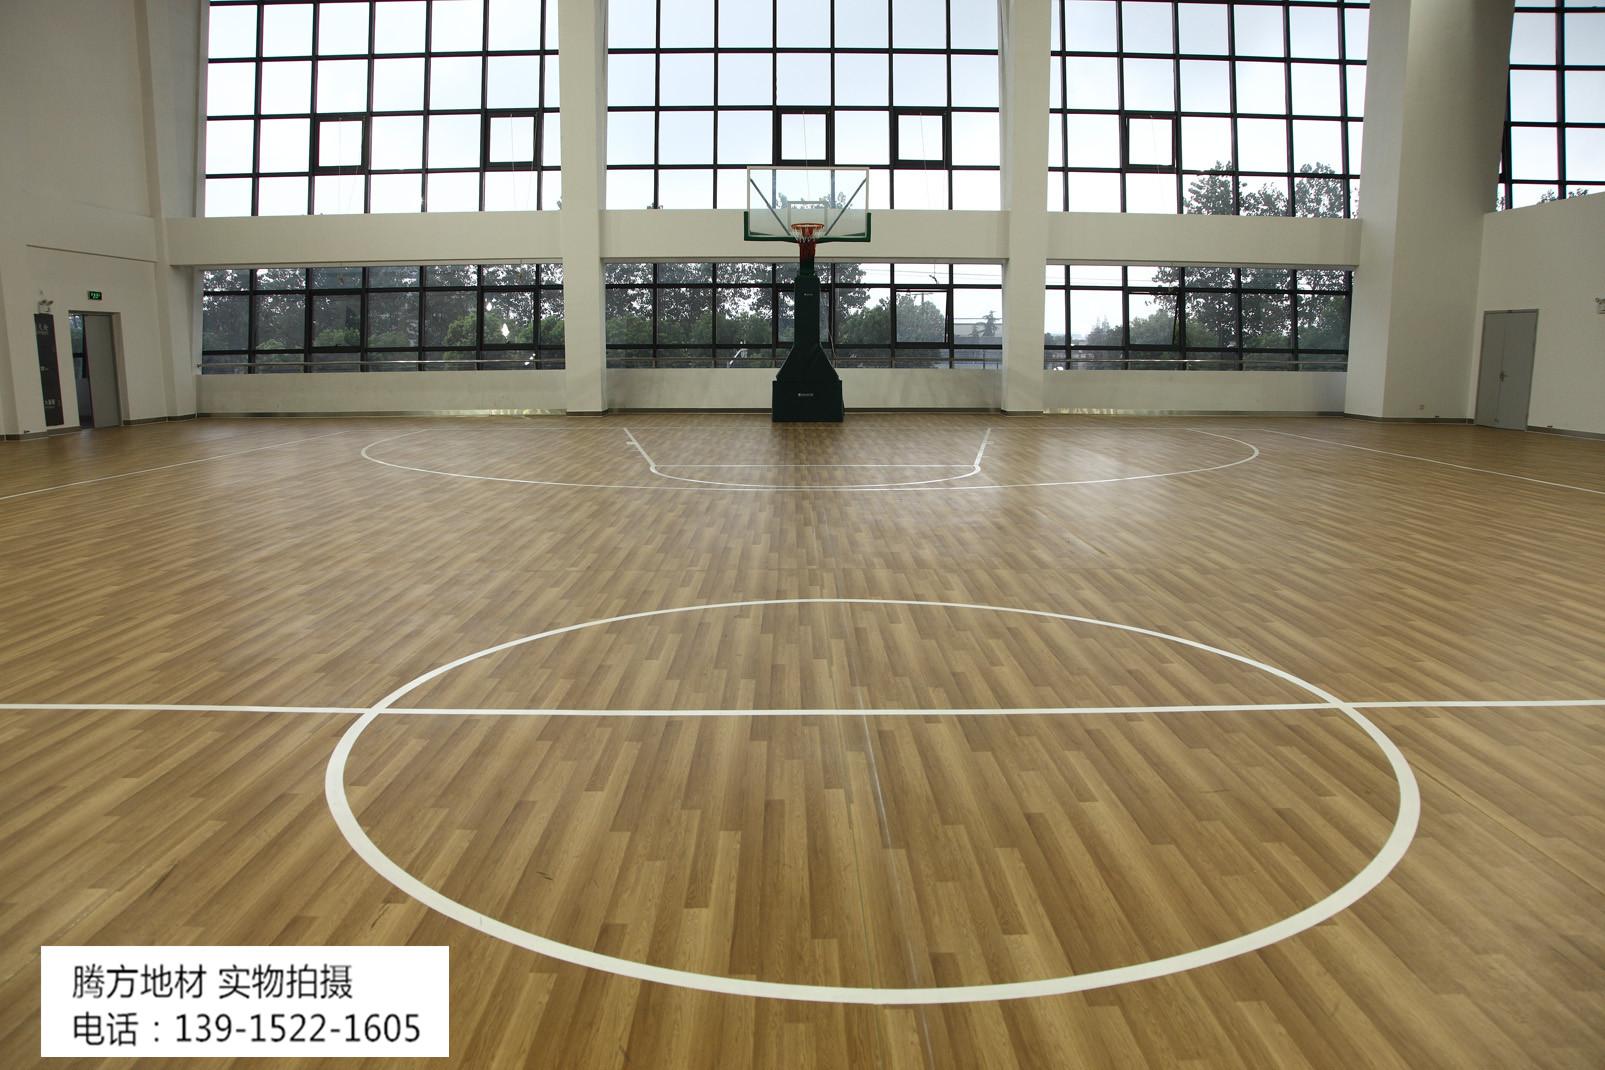 腾方室内篮球场专用pvc地板圆您的篮球明星梦想